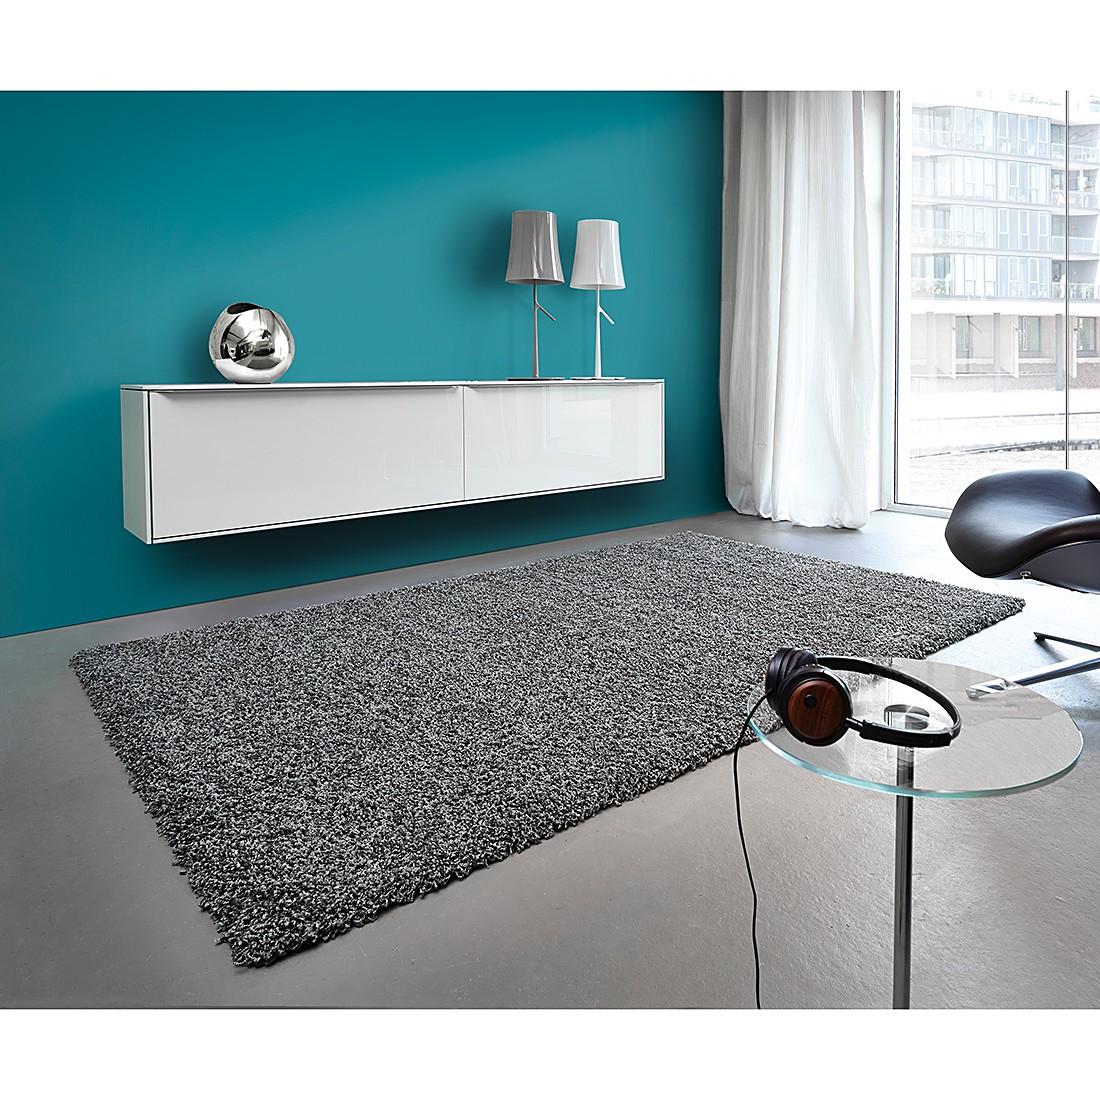 Teppich Palermo – Grau – 160 x 230 cm, Astra bestellen